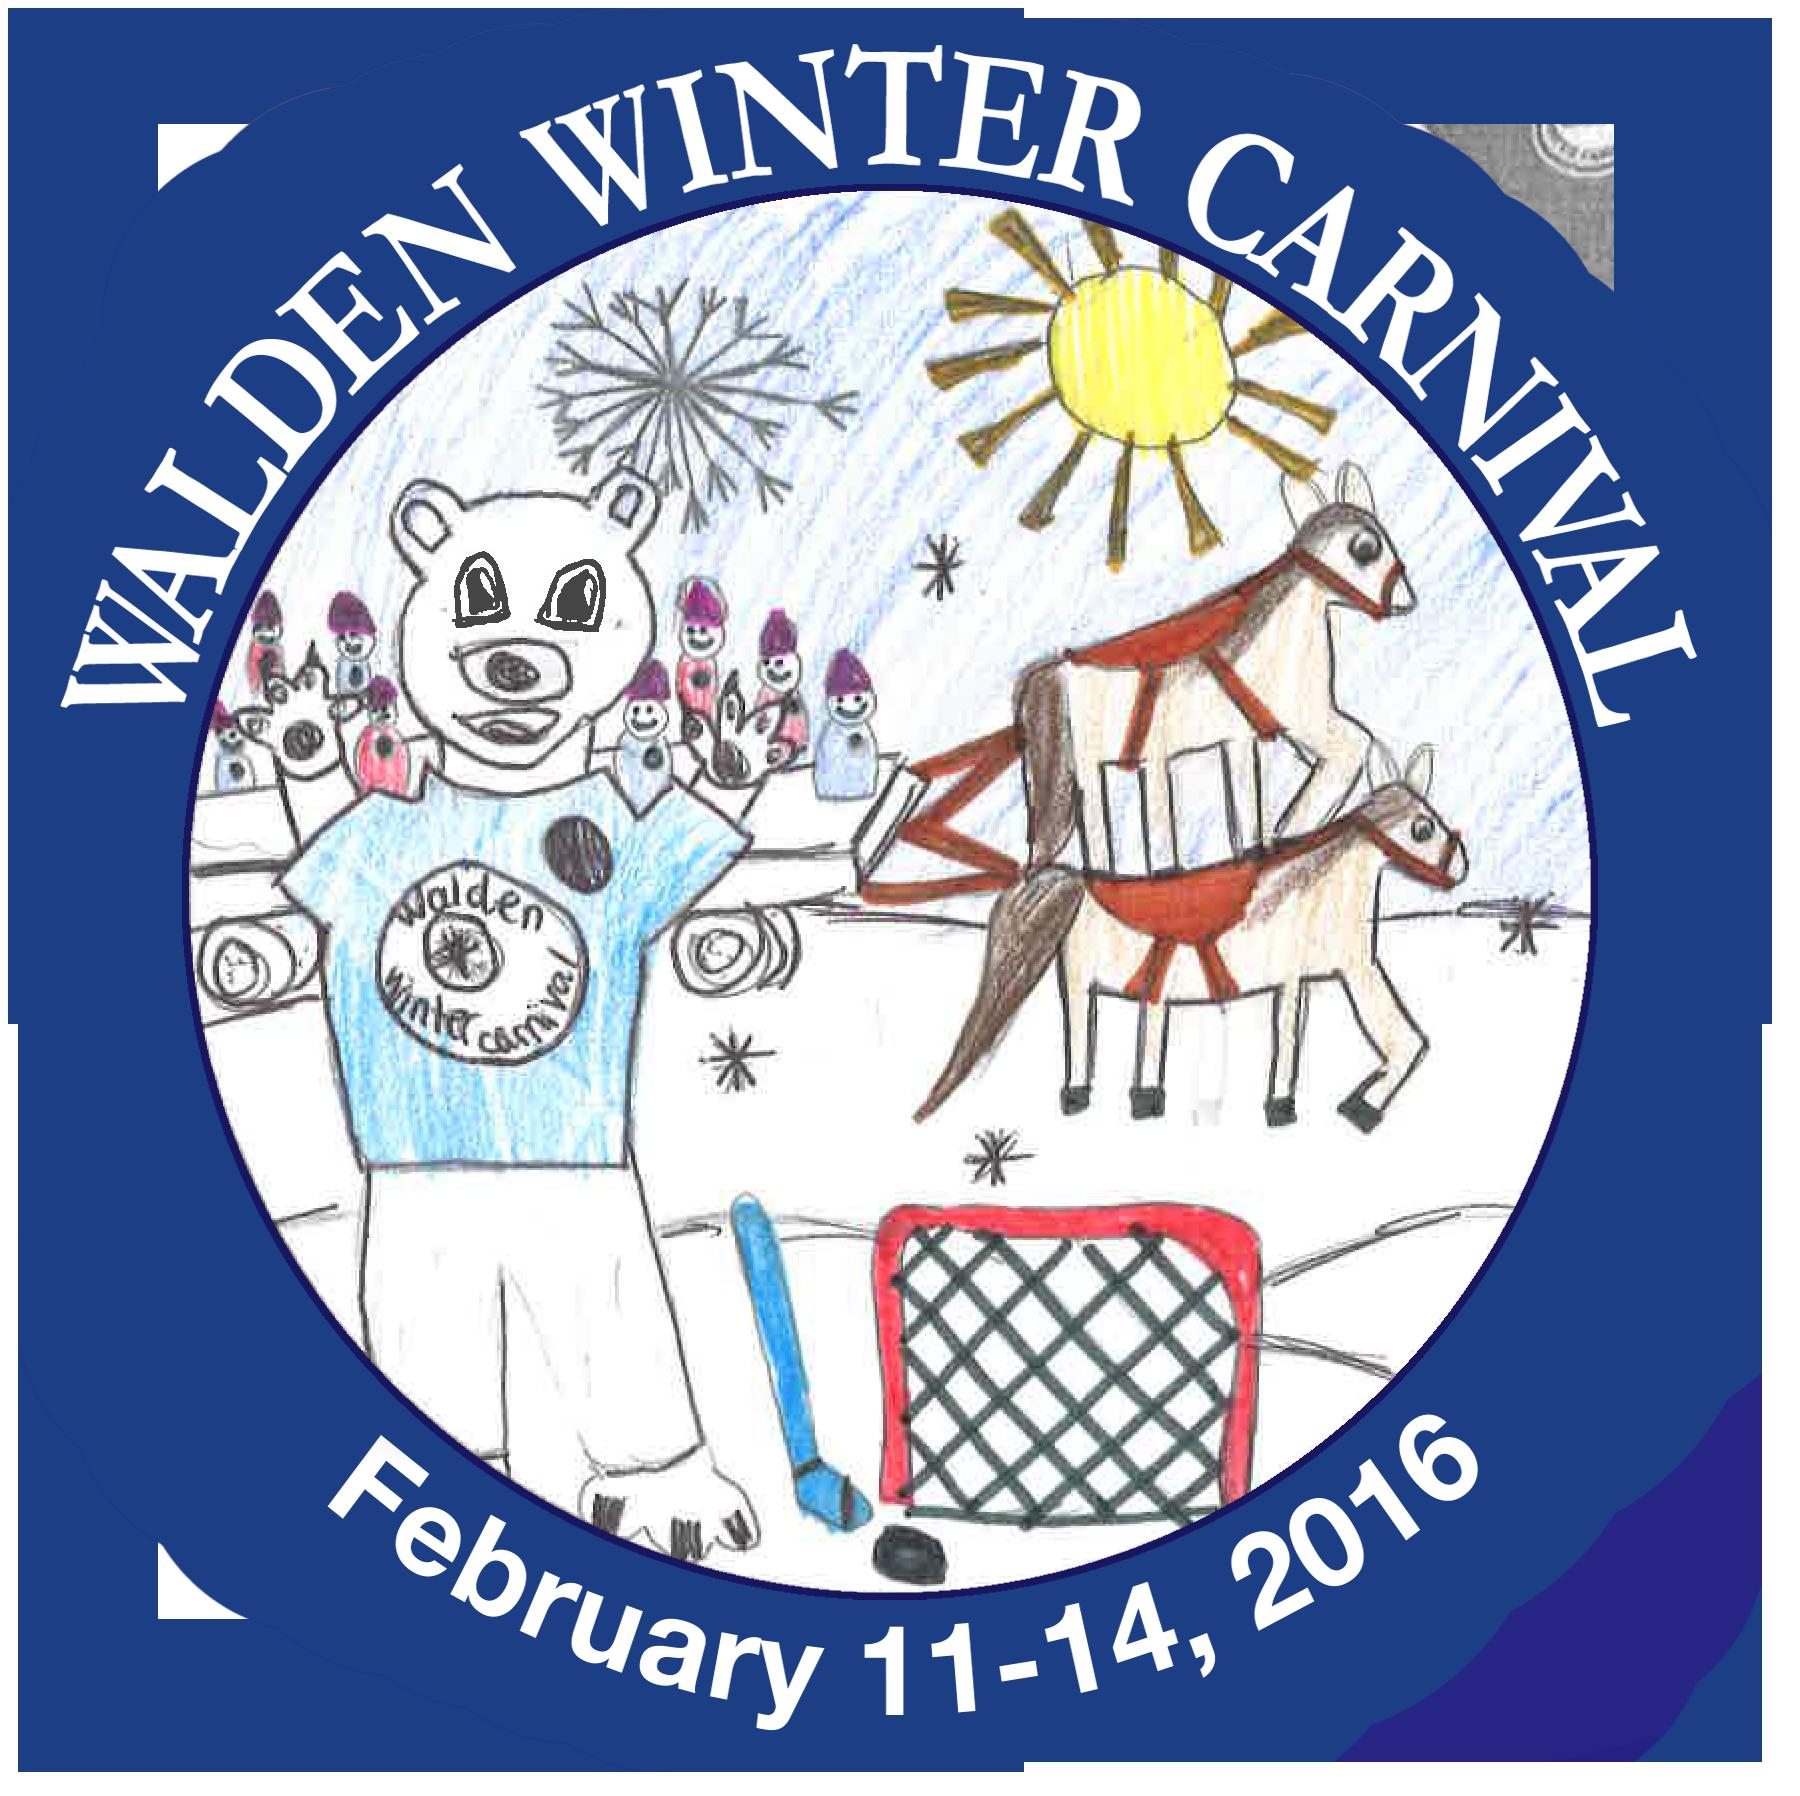 Snowball clipart winter carnival. Carneval pinart fair rides